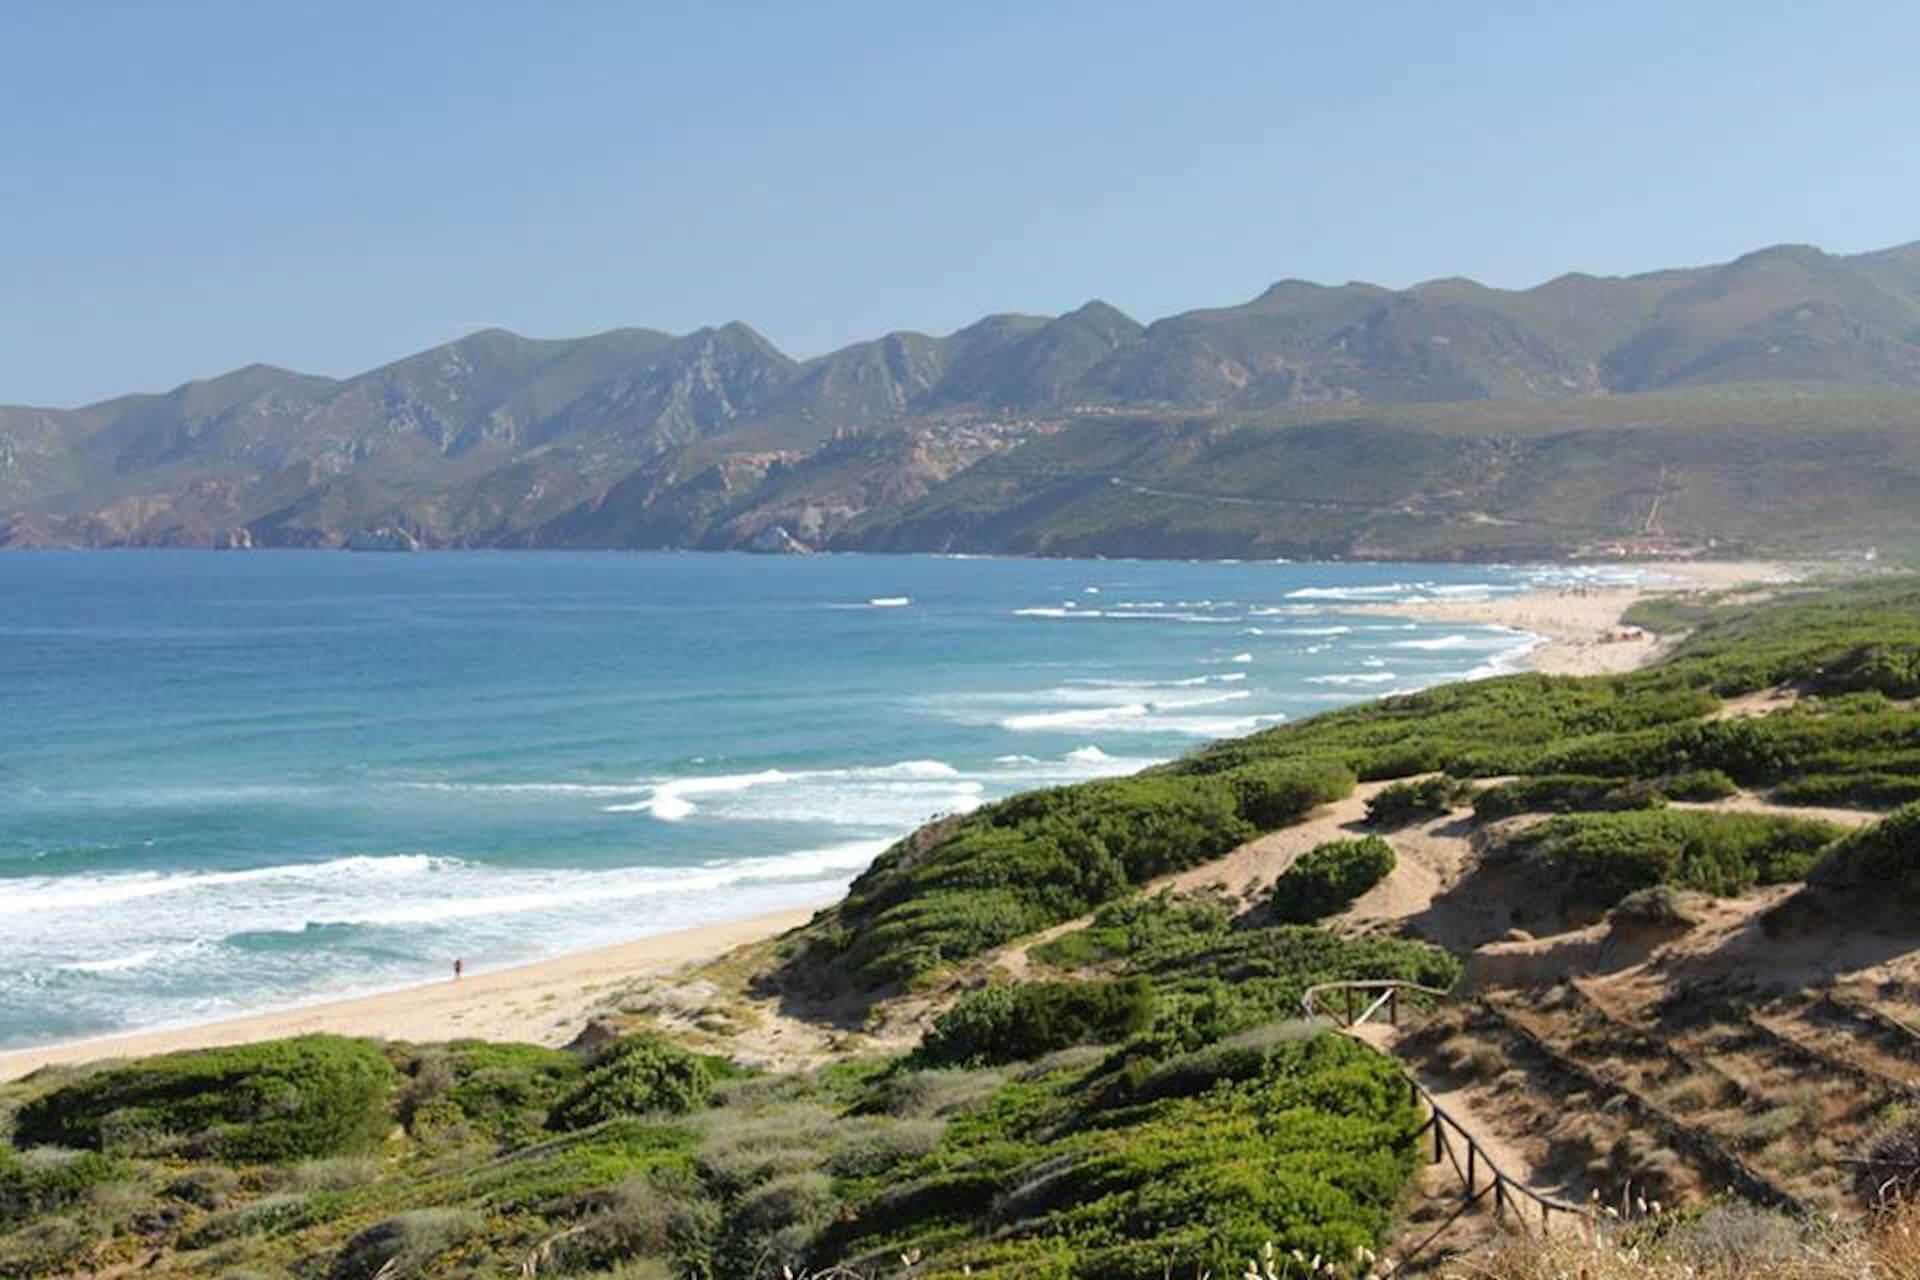 Kitesurfing spot on Sardinia Italy